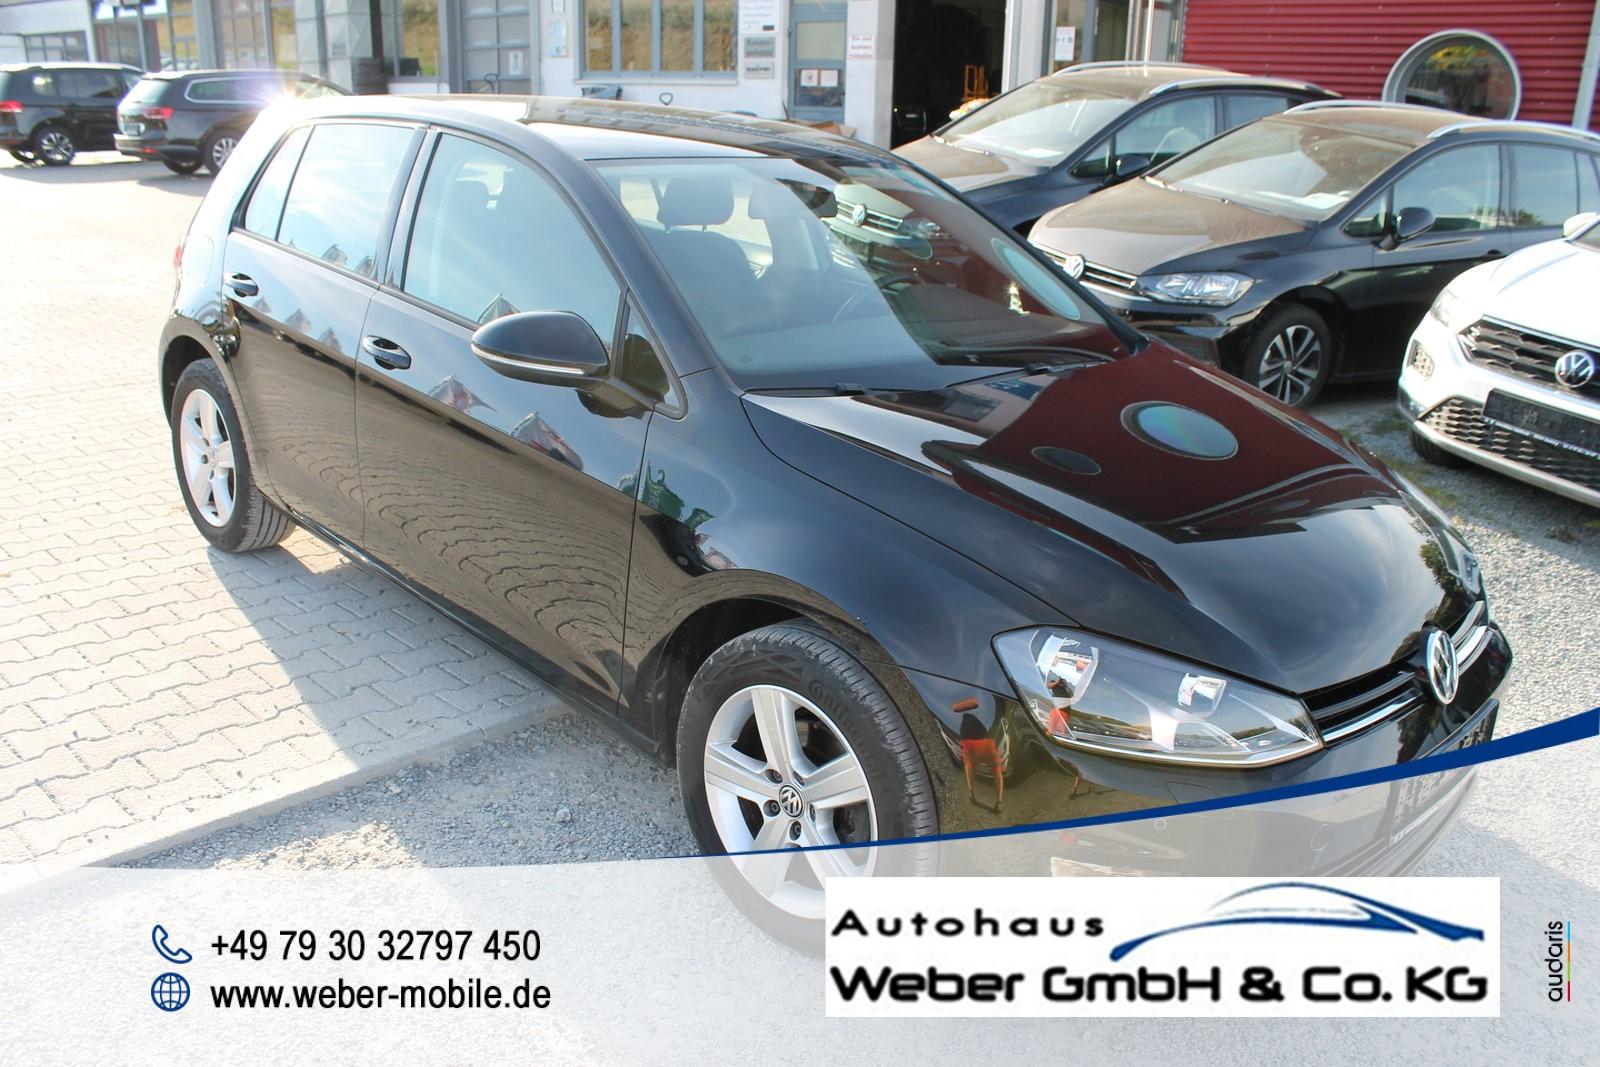 Volkswagen Golf VII 1.2 TSI *Comfortline*SHZ*Tagfahrlicht*Einparkhilfe vo+hi*, Jahr 2015, Benzin